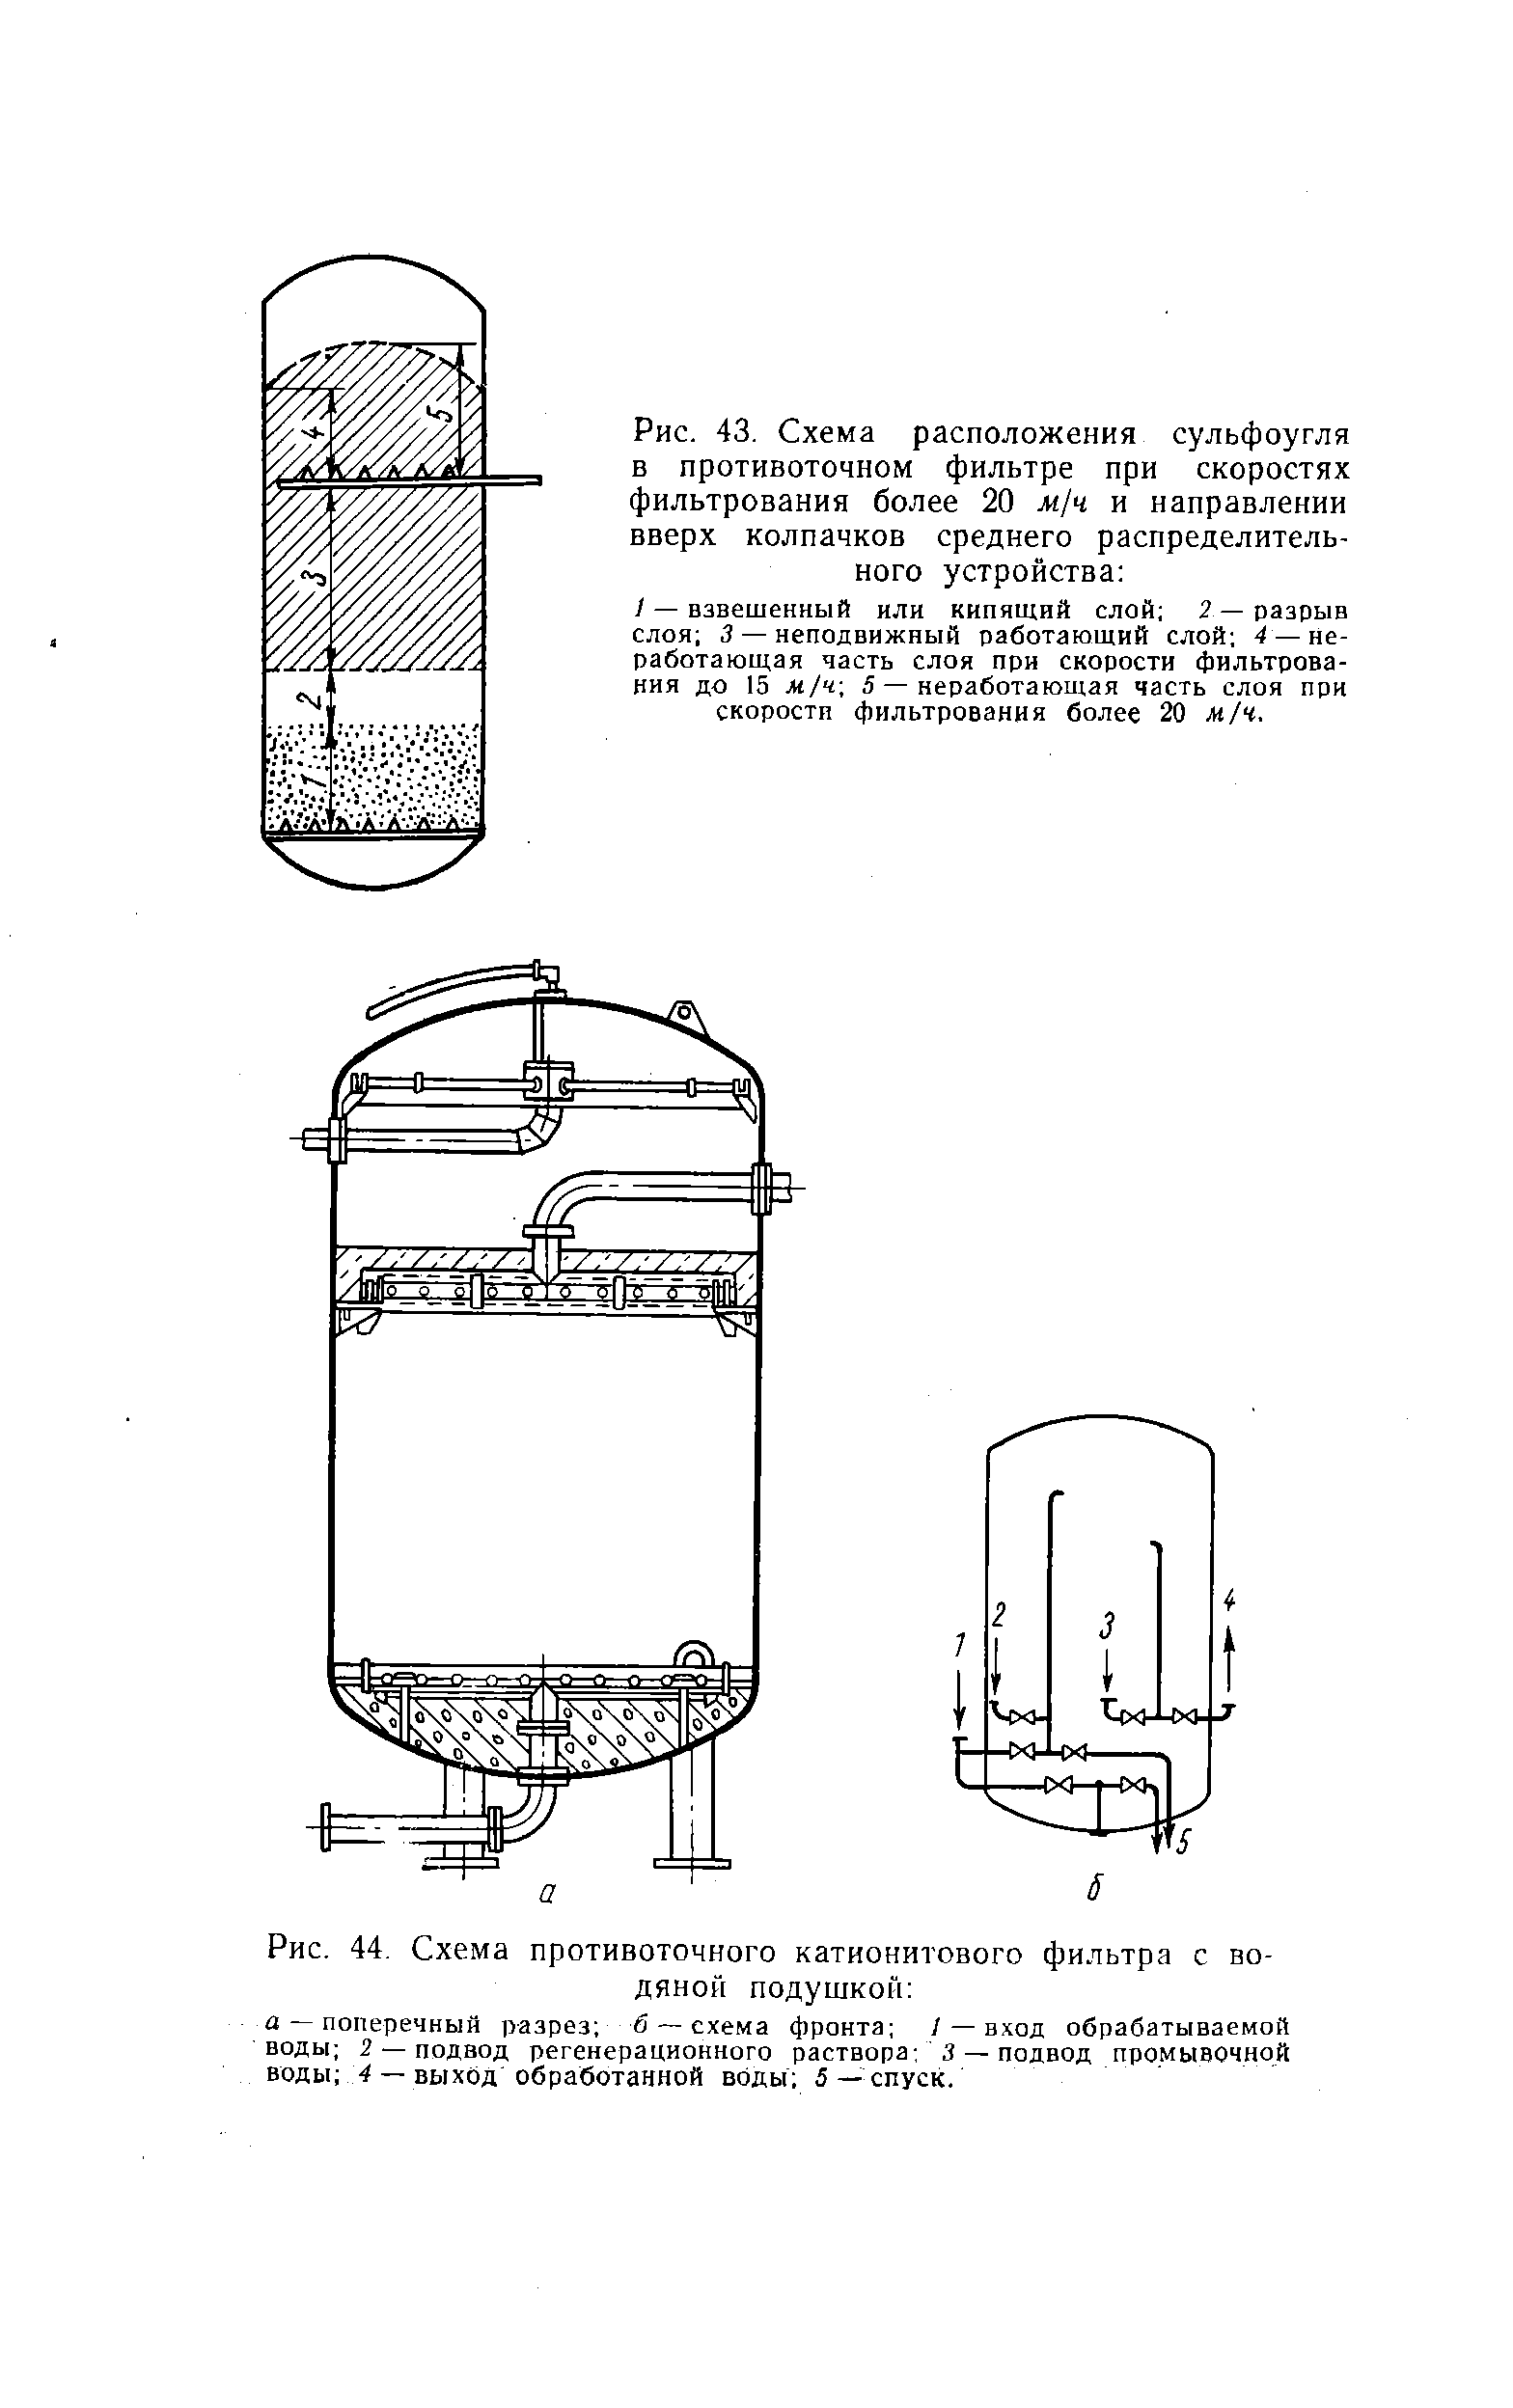 Схема водоочистной станции